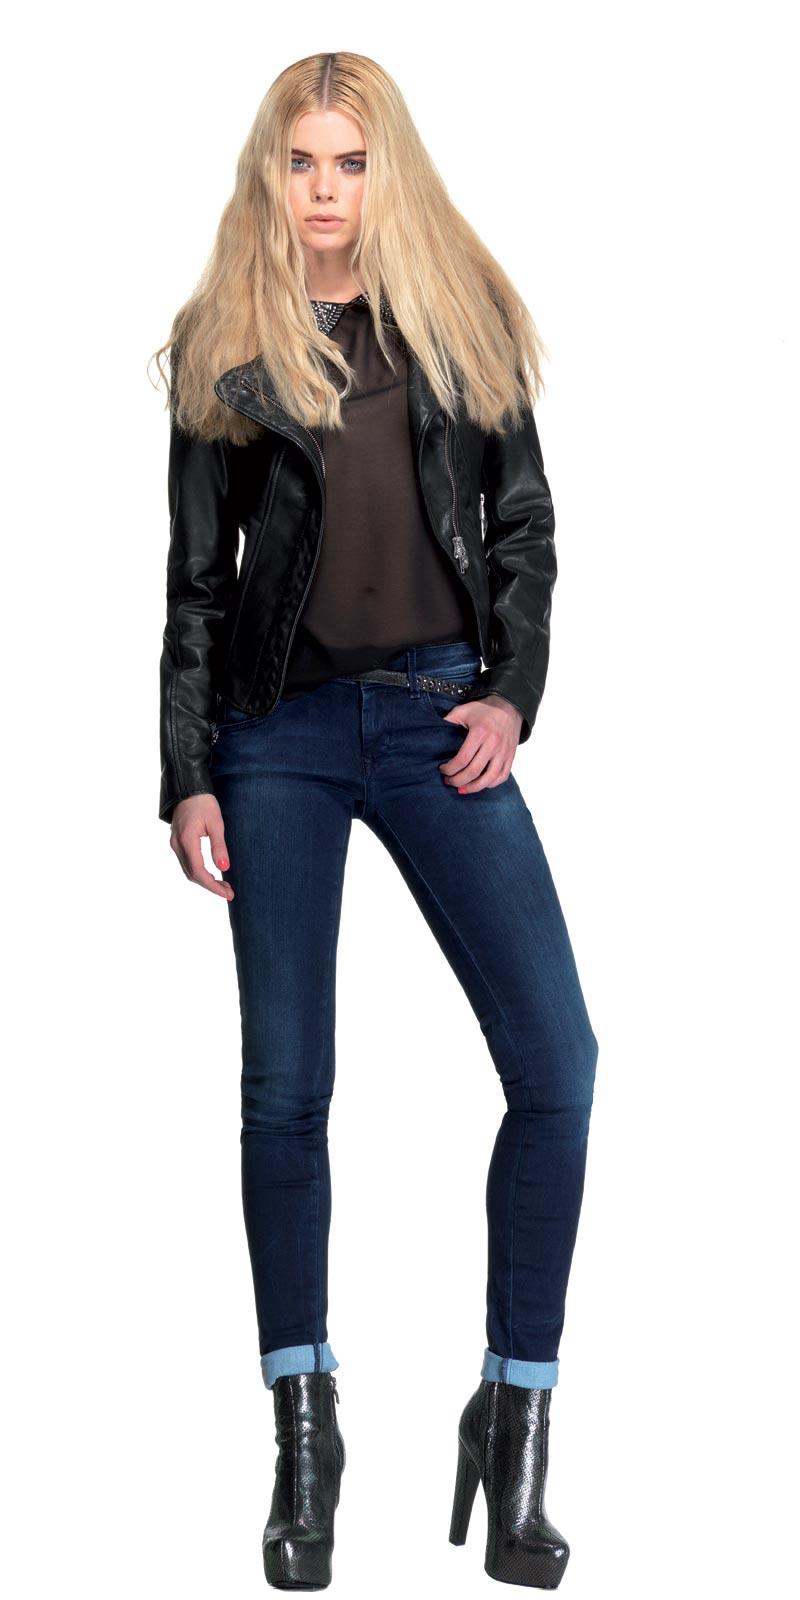 Jeans Fornarina autunno inverno 2013 2014